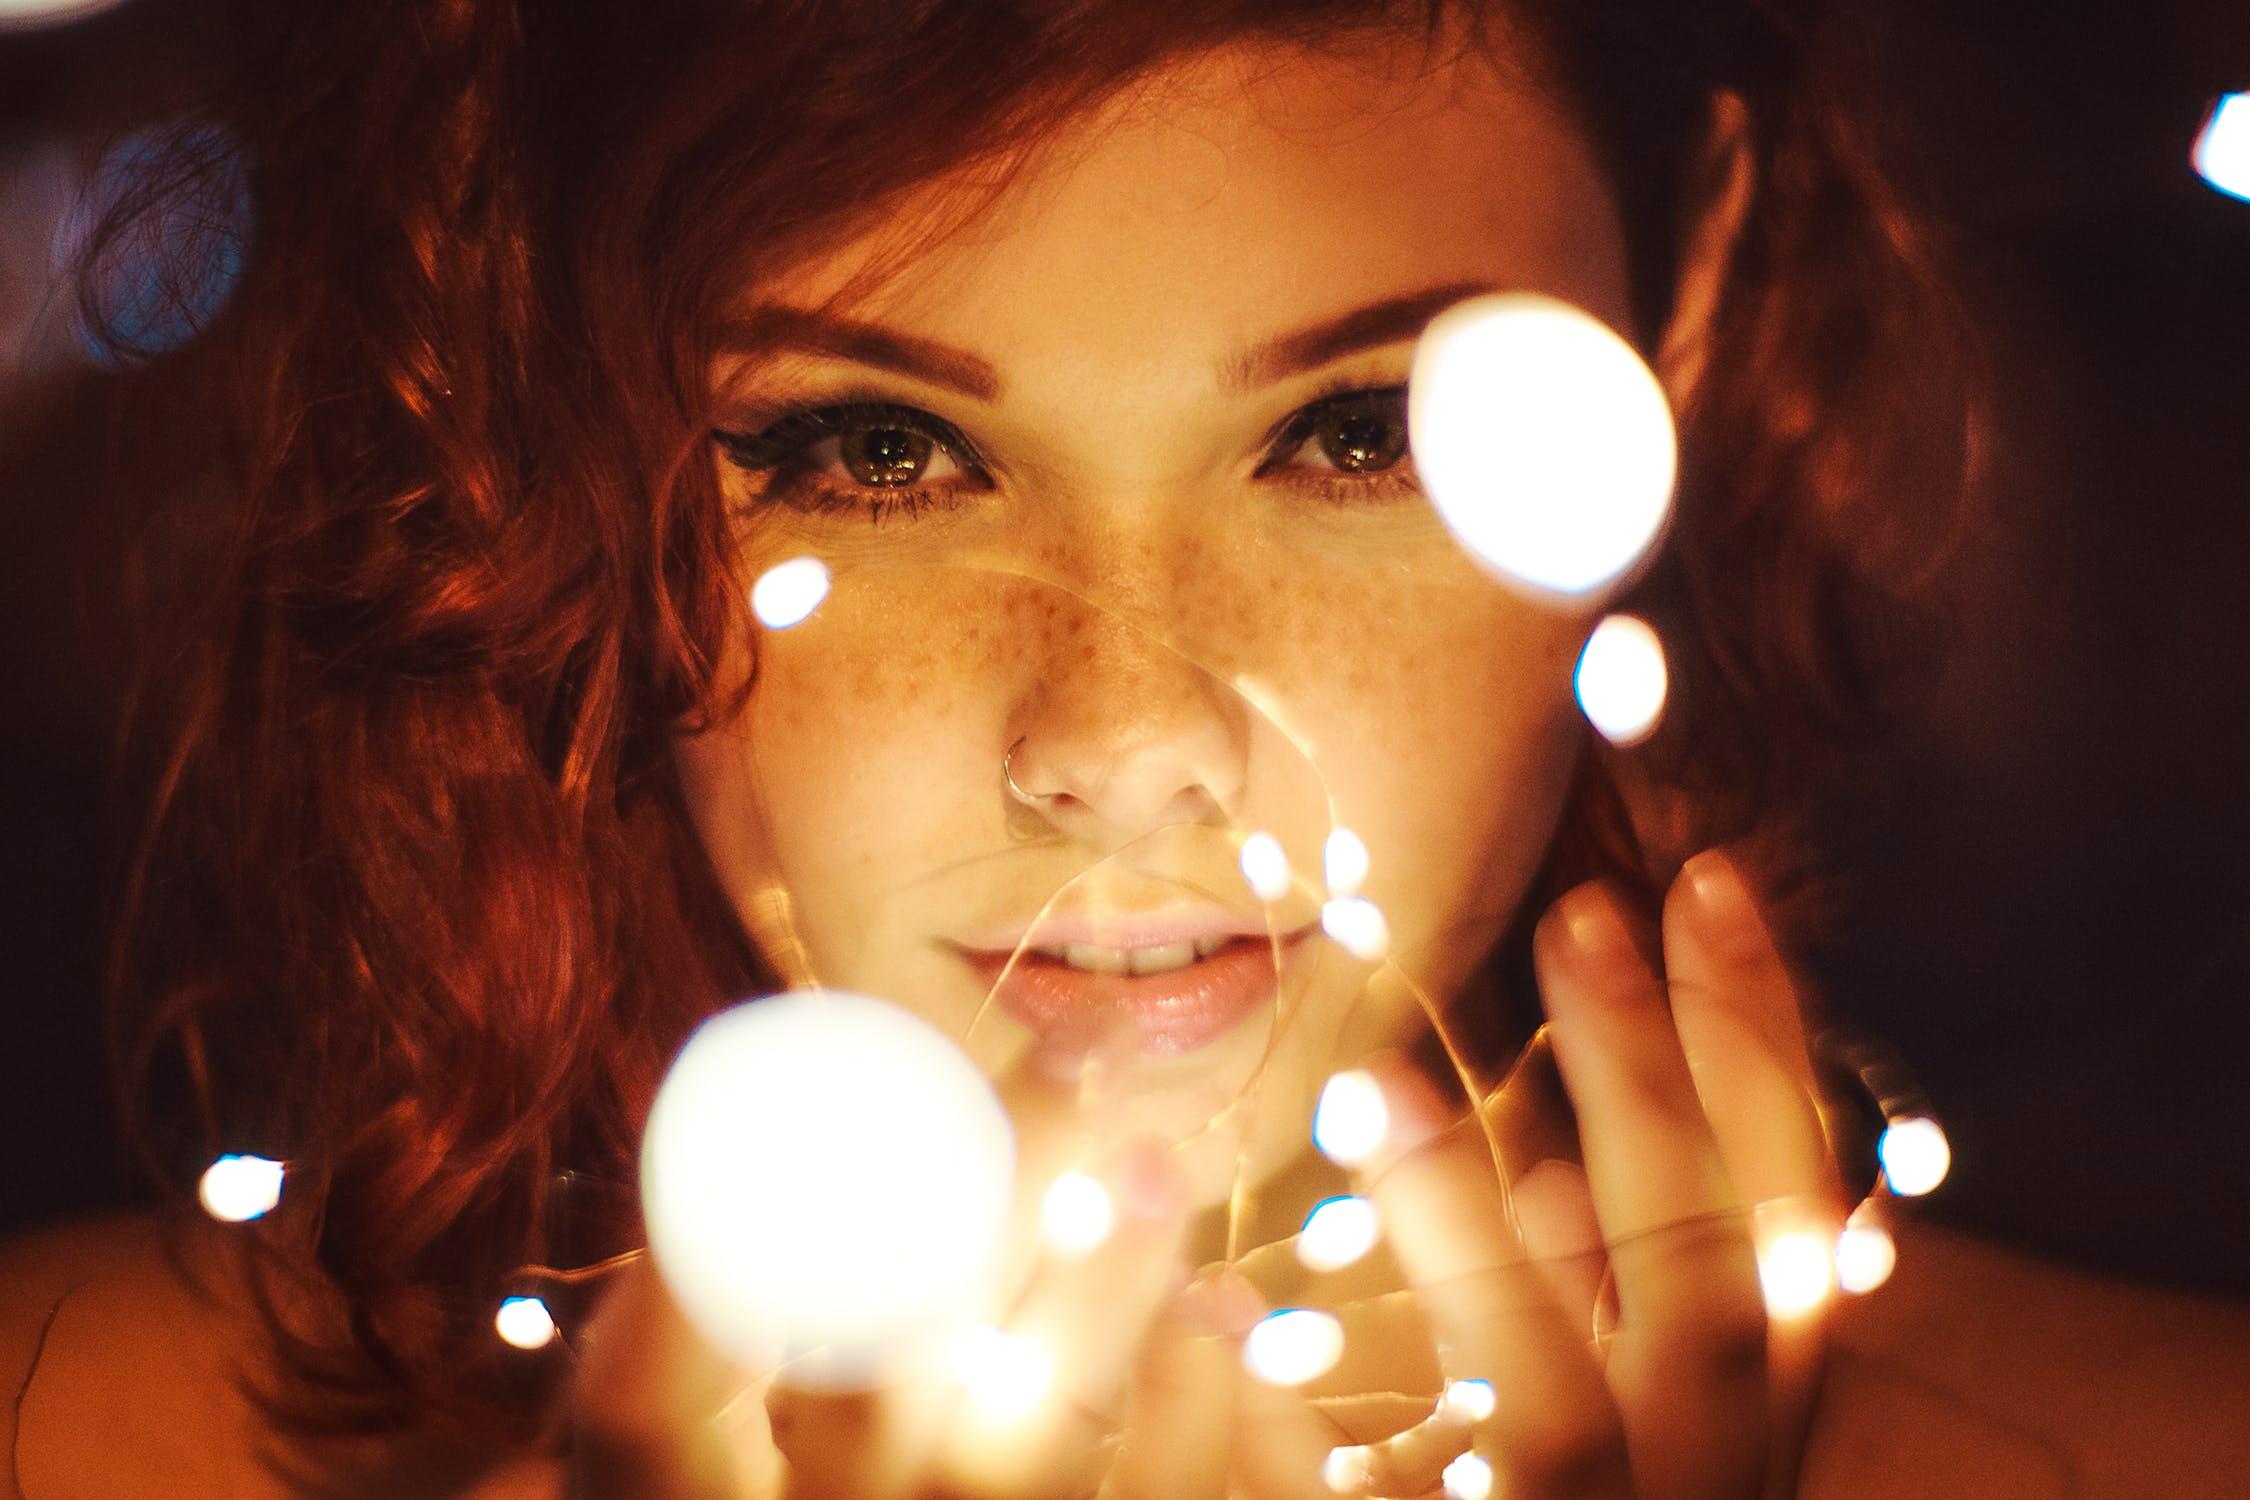 12 вещей, которые счастливые люди делают иначе